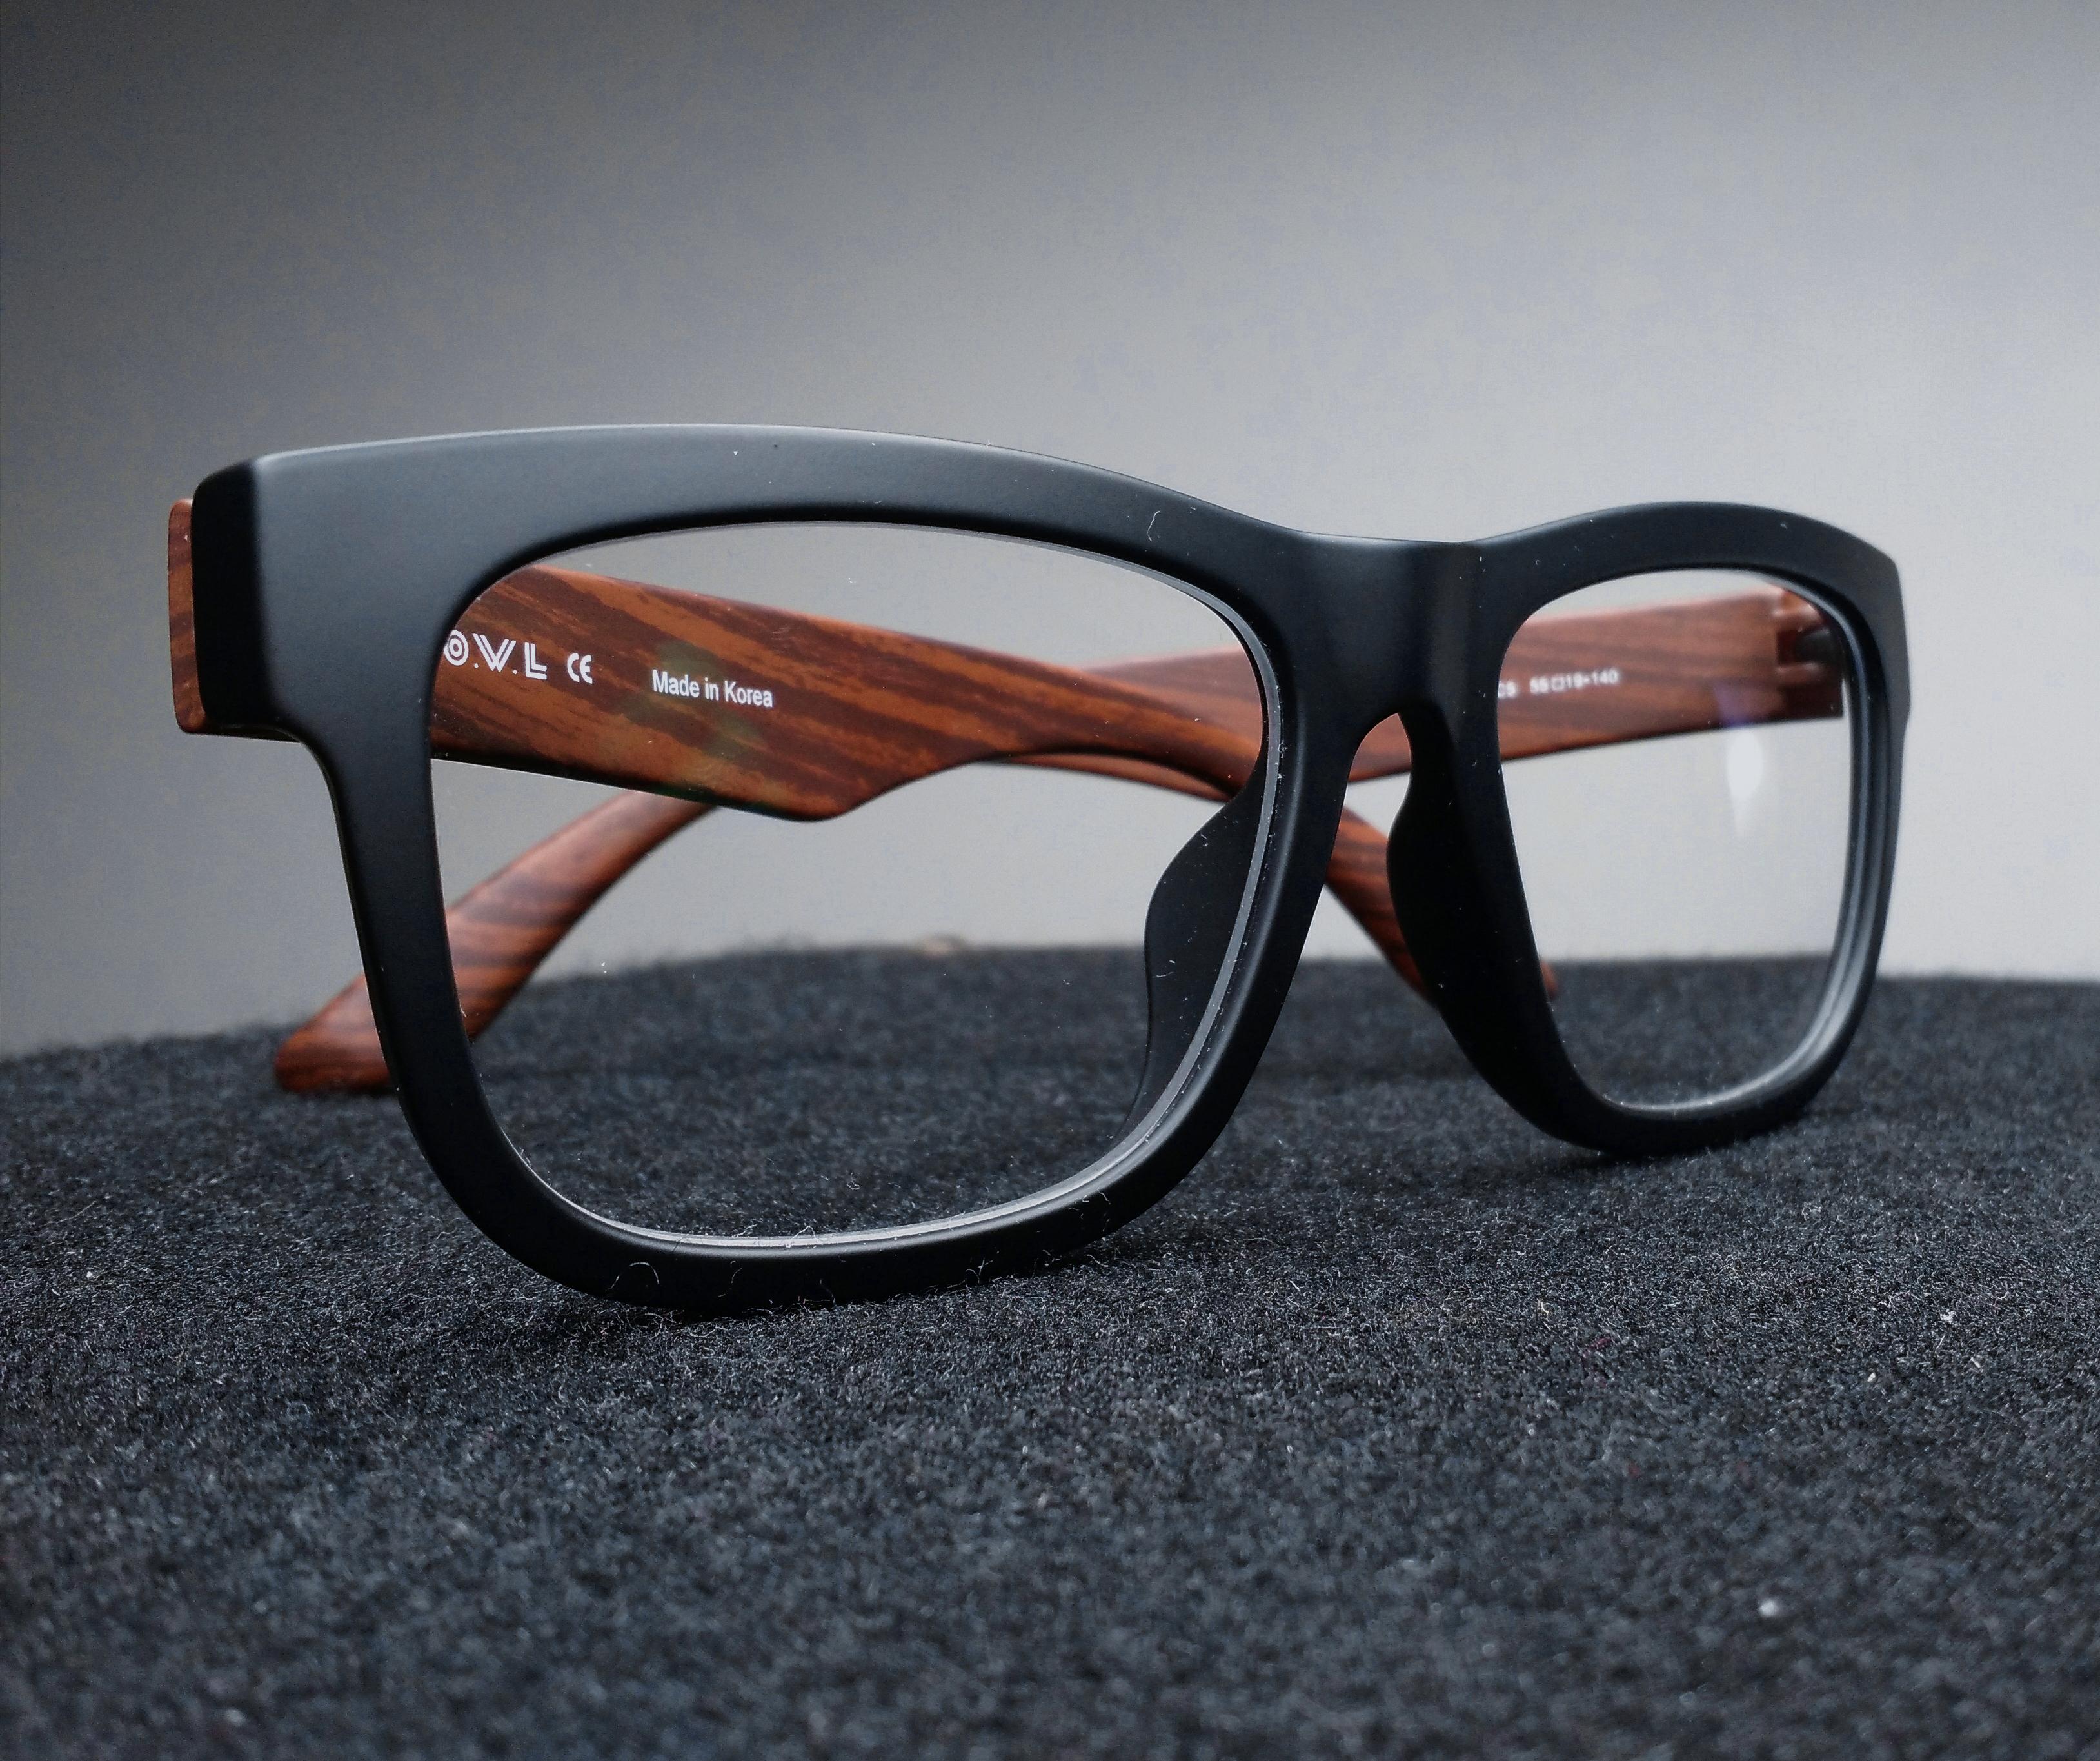 Renouvellement de lunettes